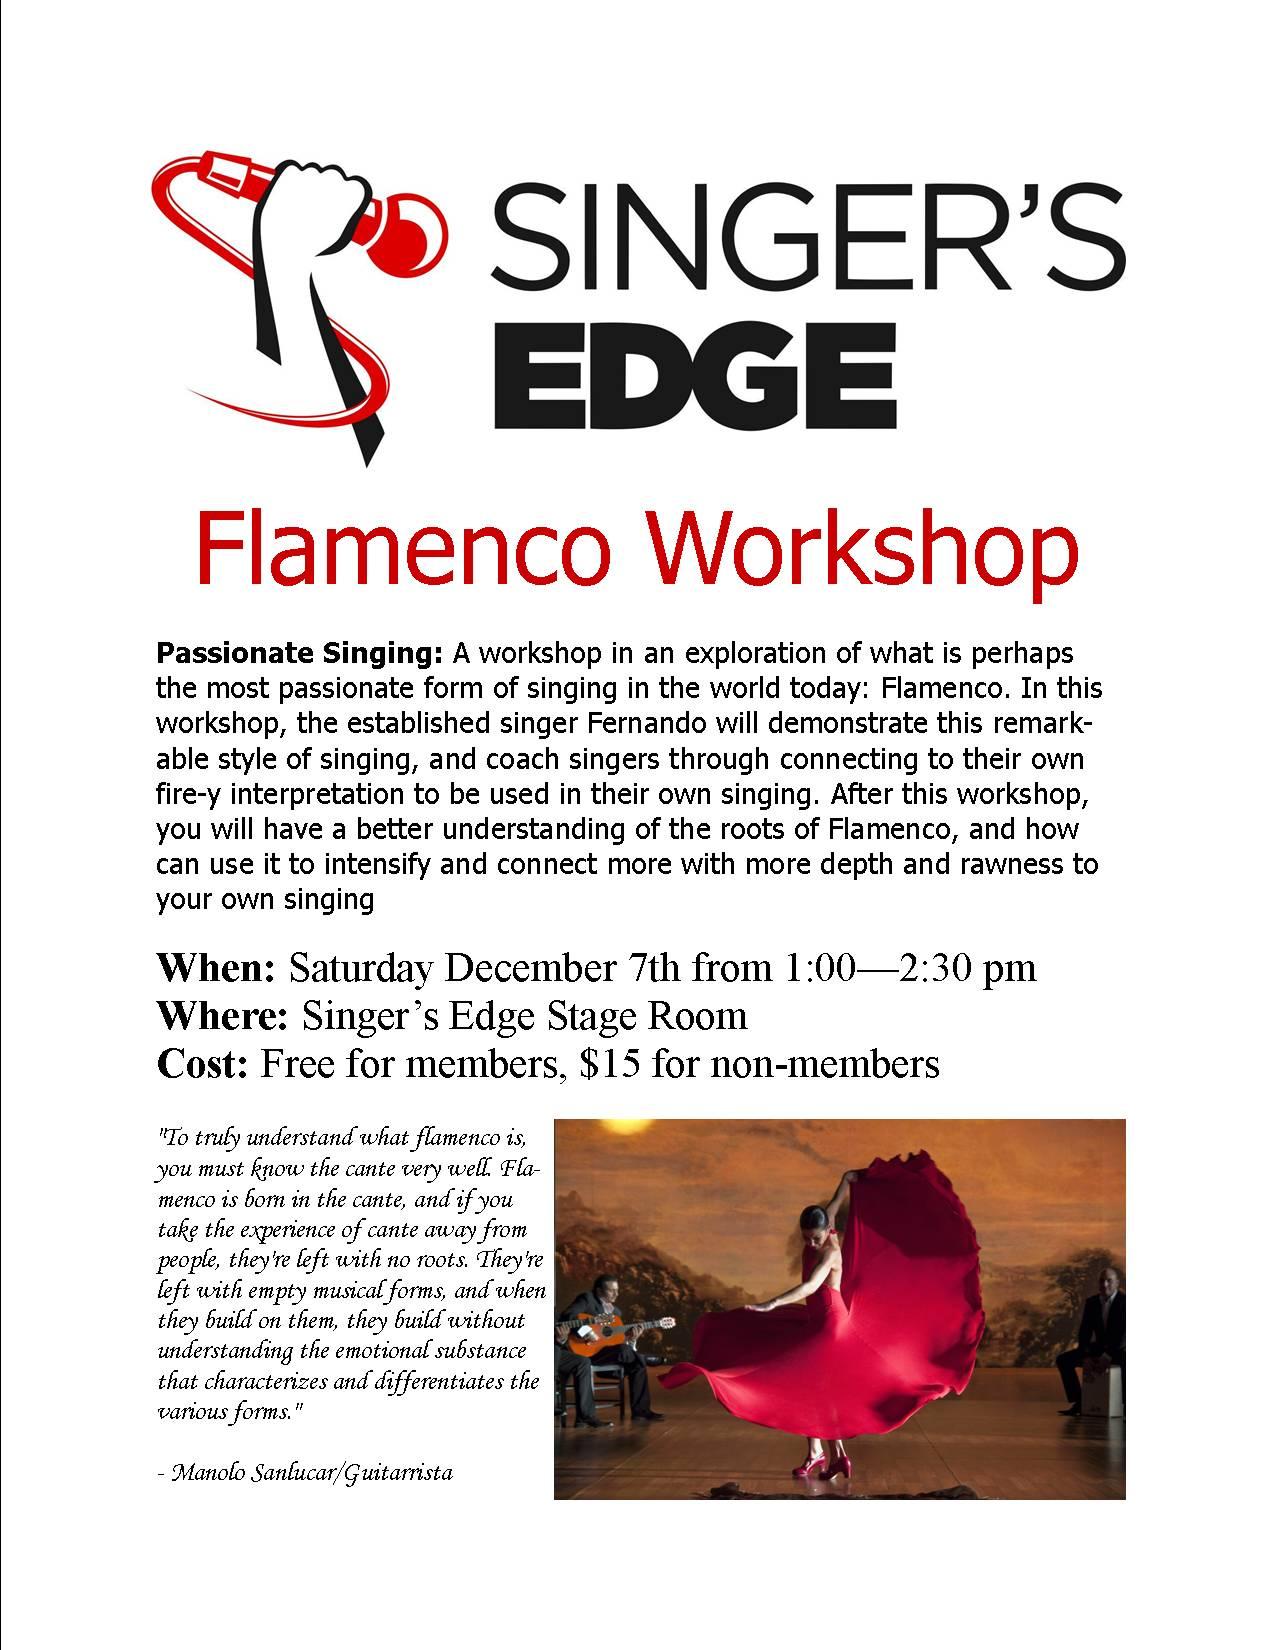 Flamenco: Passionate Singing. Featuring Fernando Gallego Torres